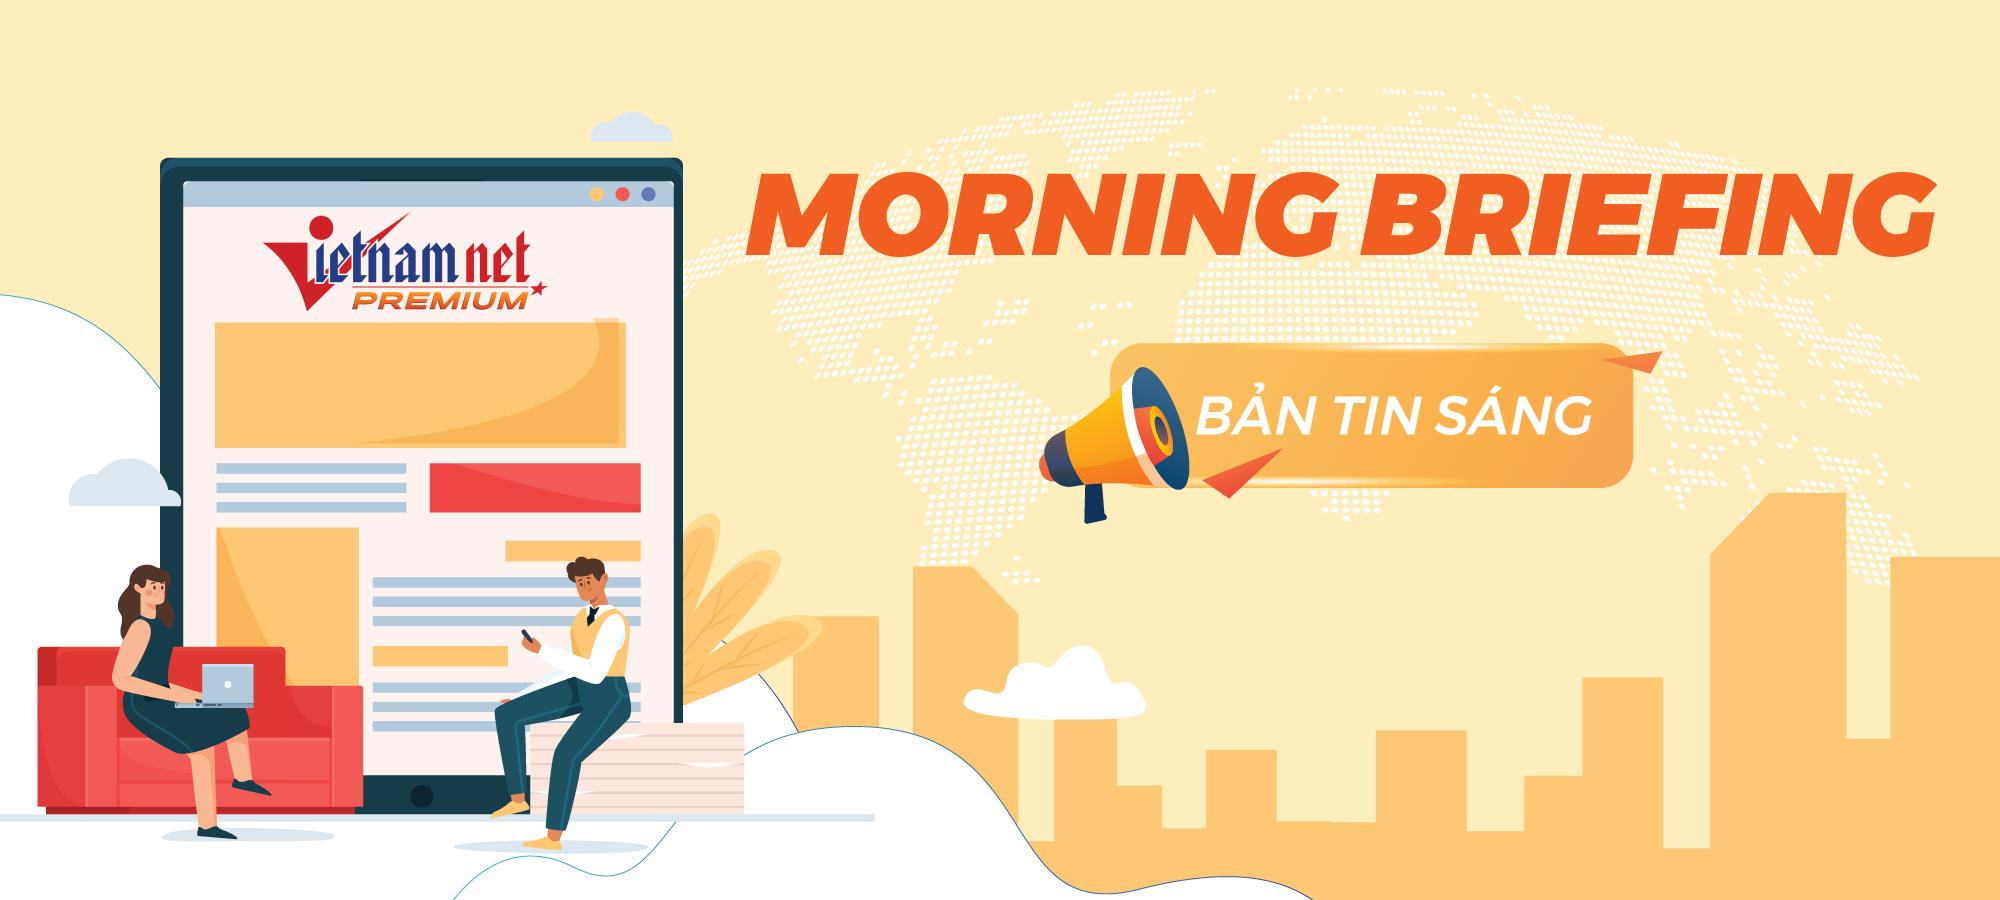 Bản tin sáng VietNamNet (5/8/21): 3.000 y bác sĩ Trung ương Nam tiến chống dịch